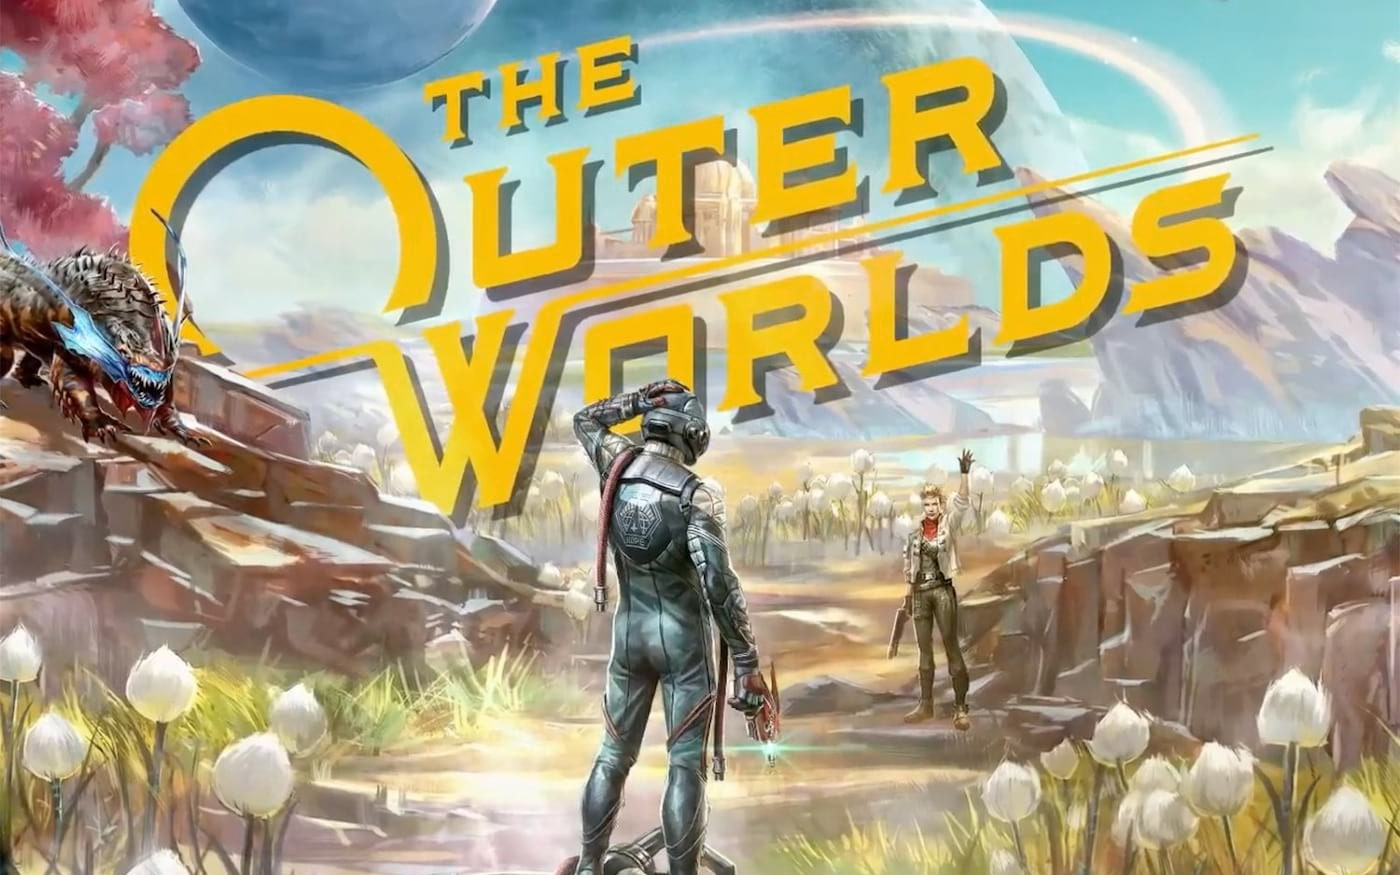 Requisitos mínimos para rodar The Outer Worlds no PC